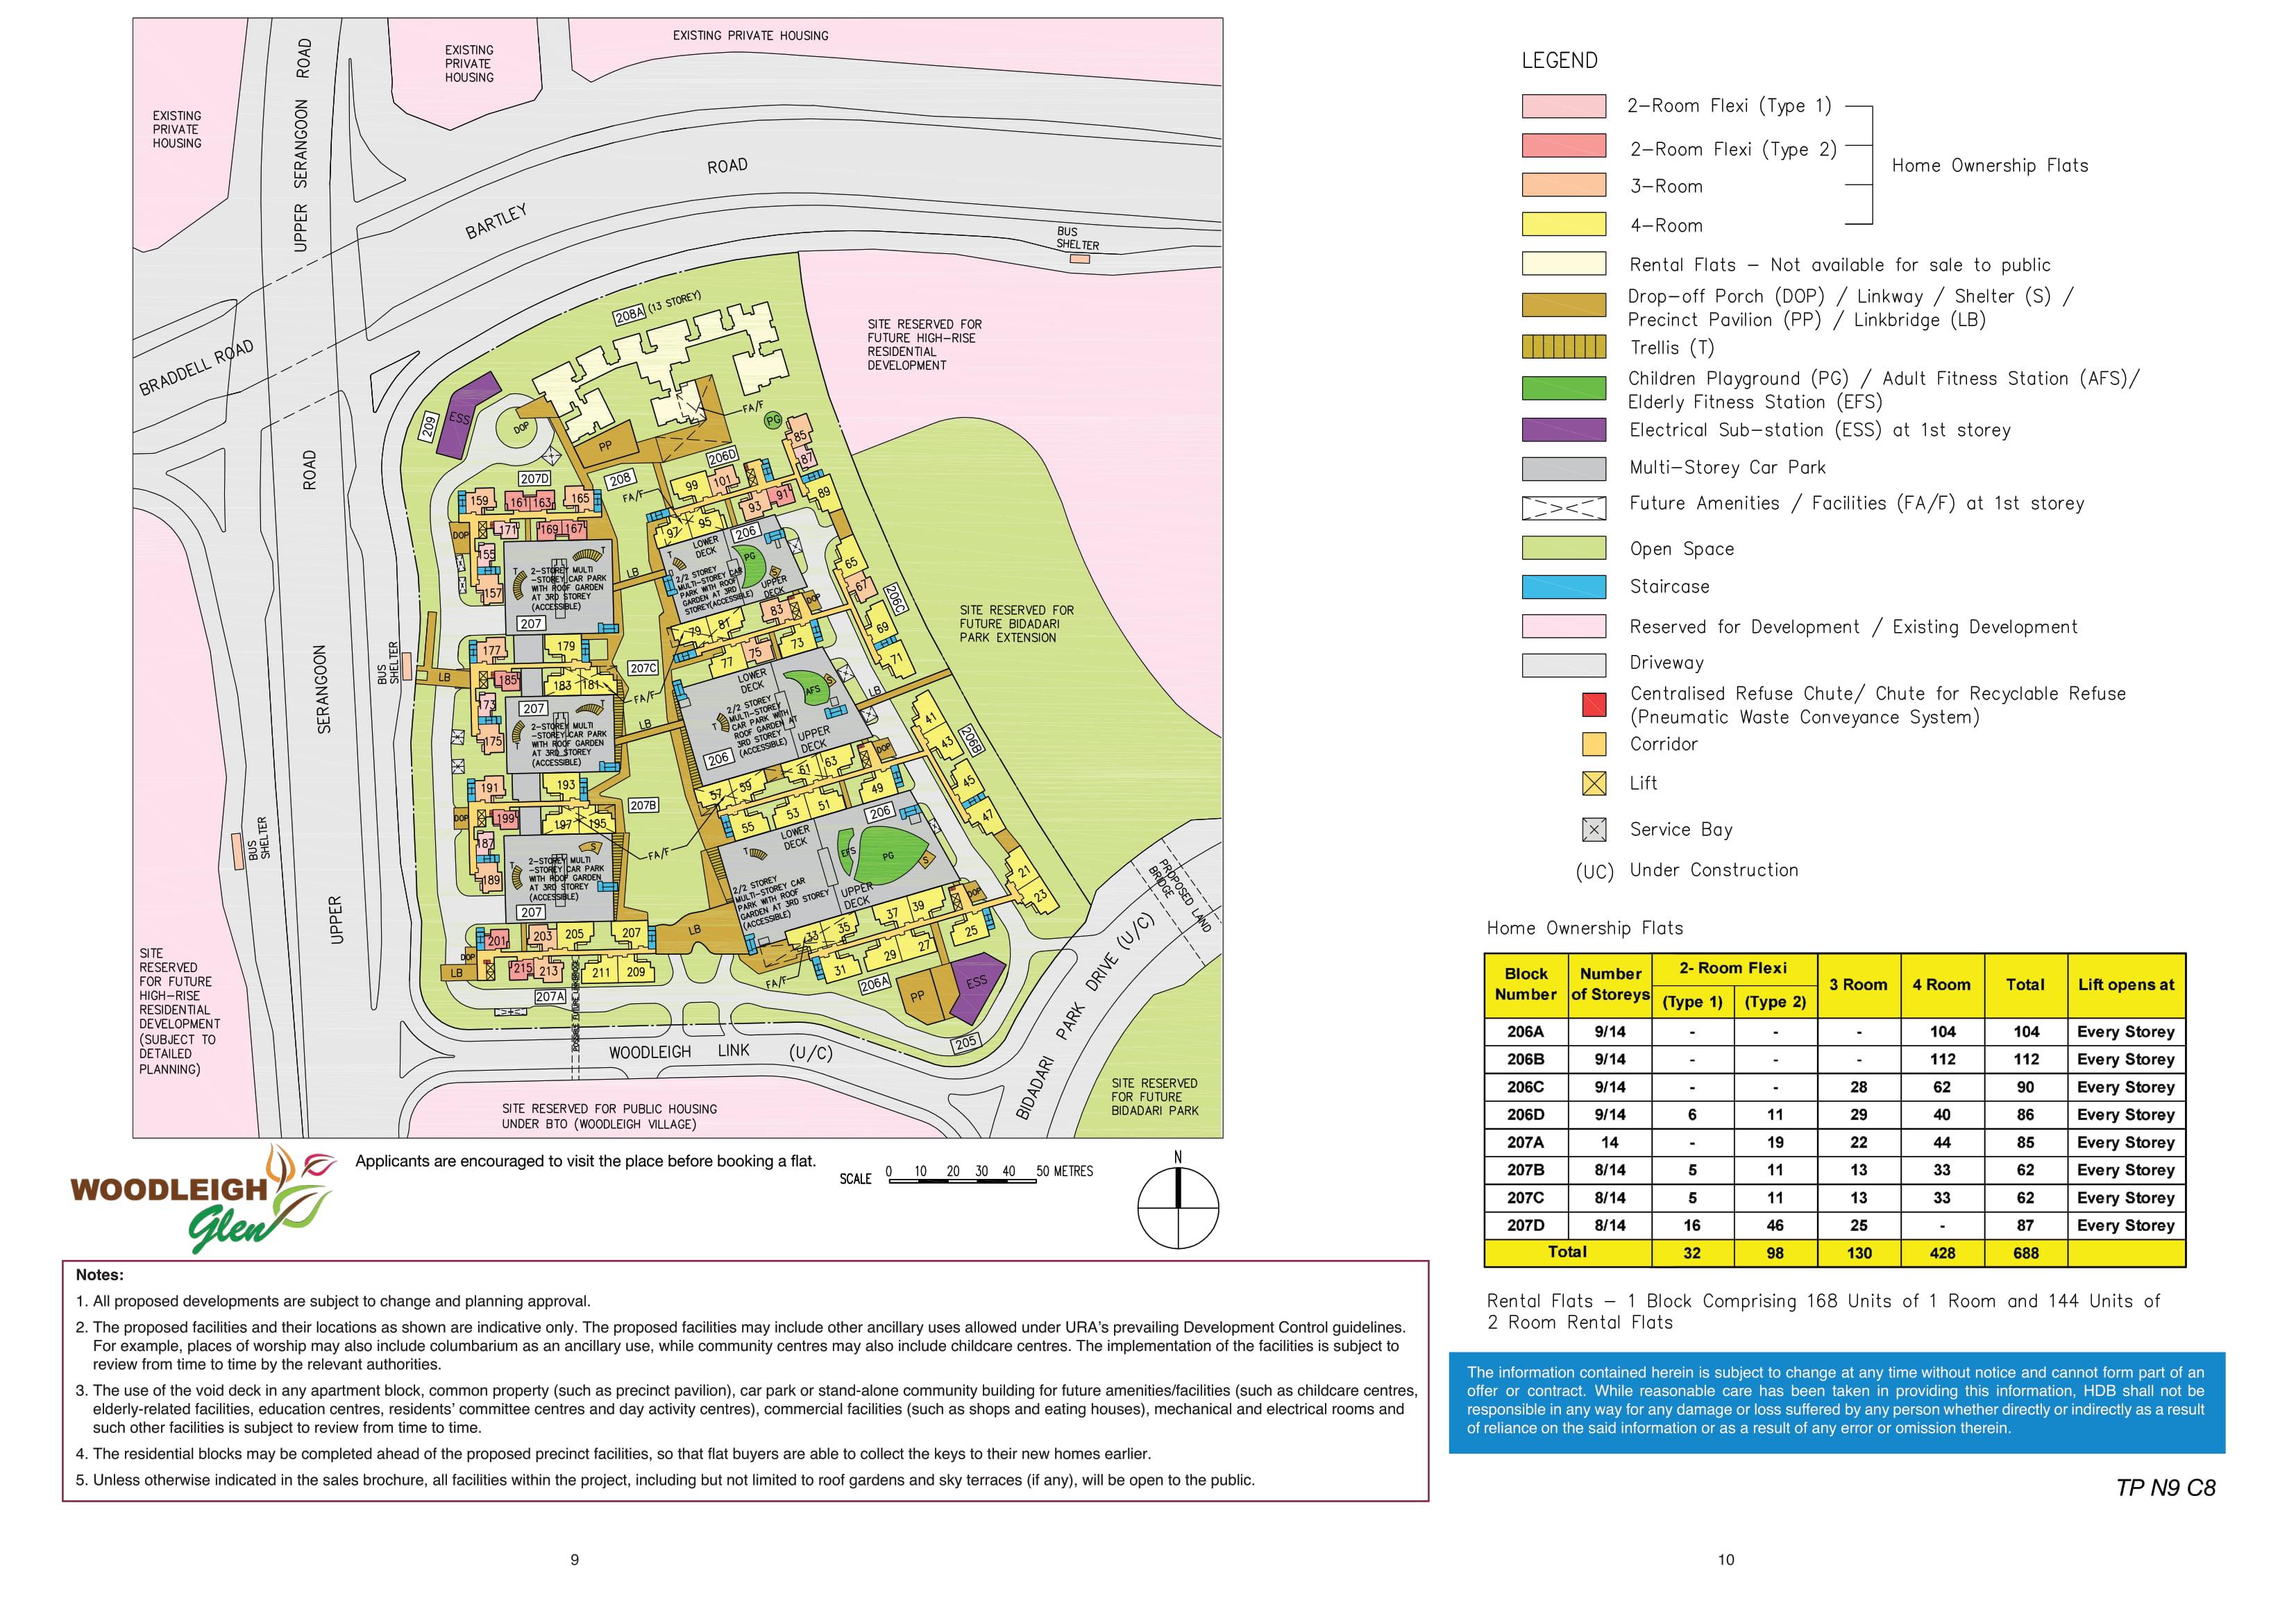 Woodleigh Glen Site Plan